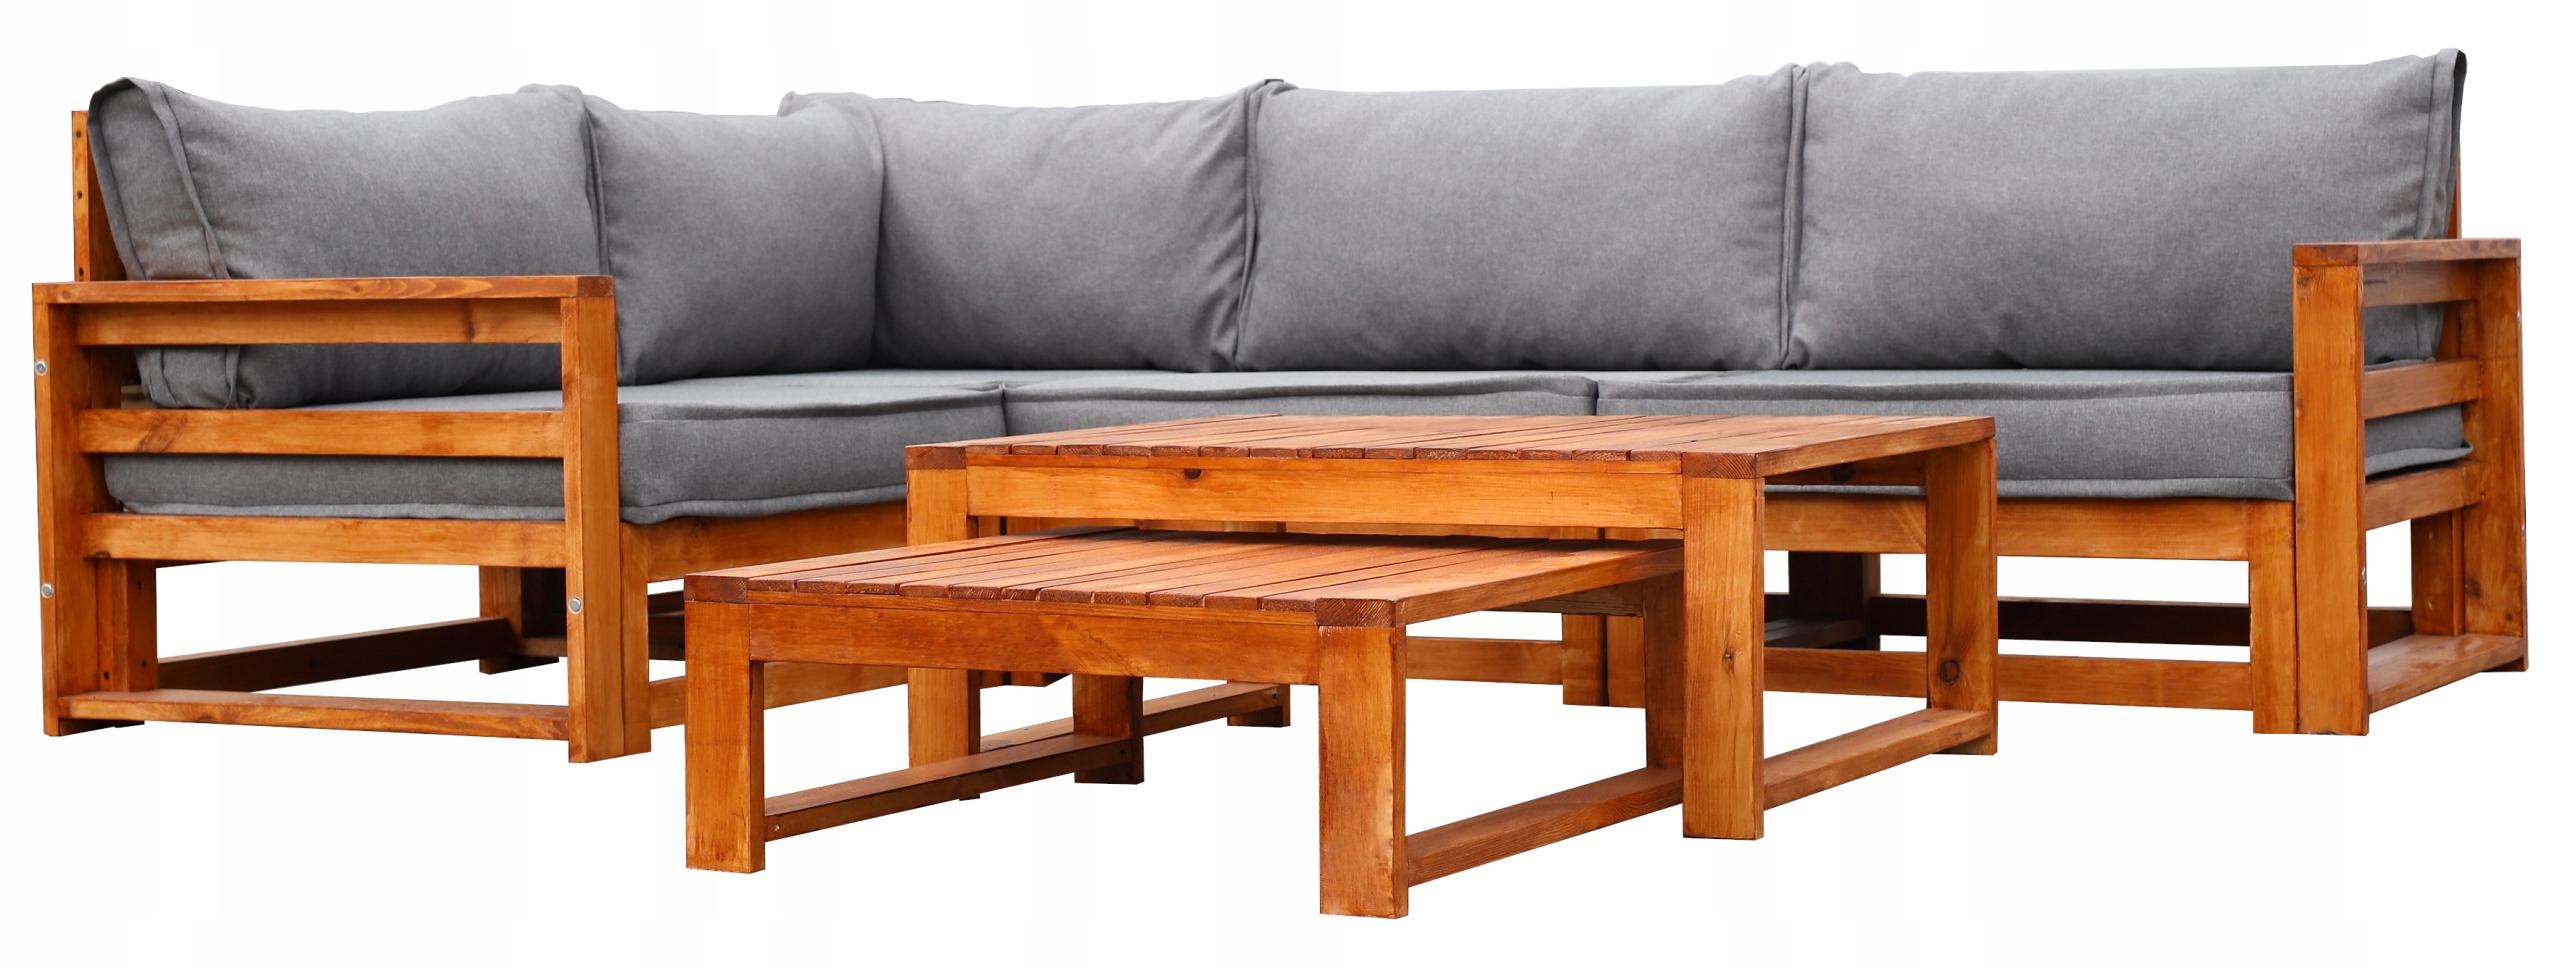 Sada záhradného nábytku z dreva 4-SEATOR + 2 LAVICE